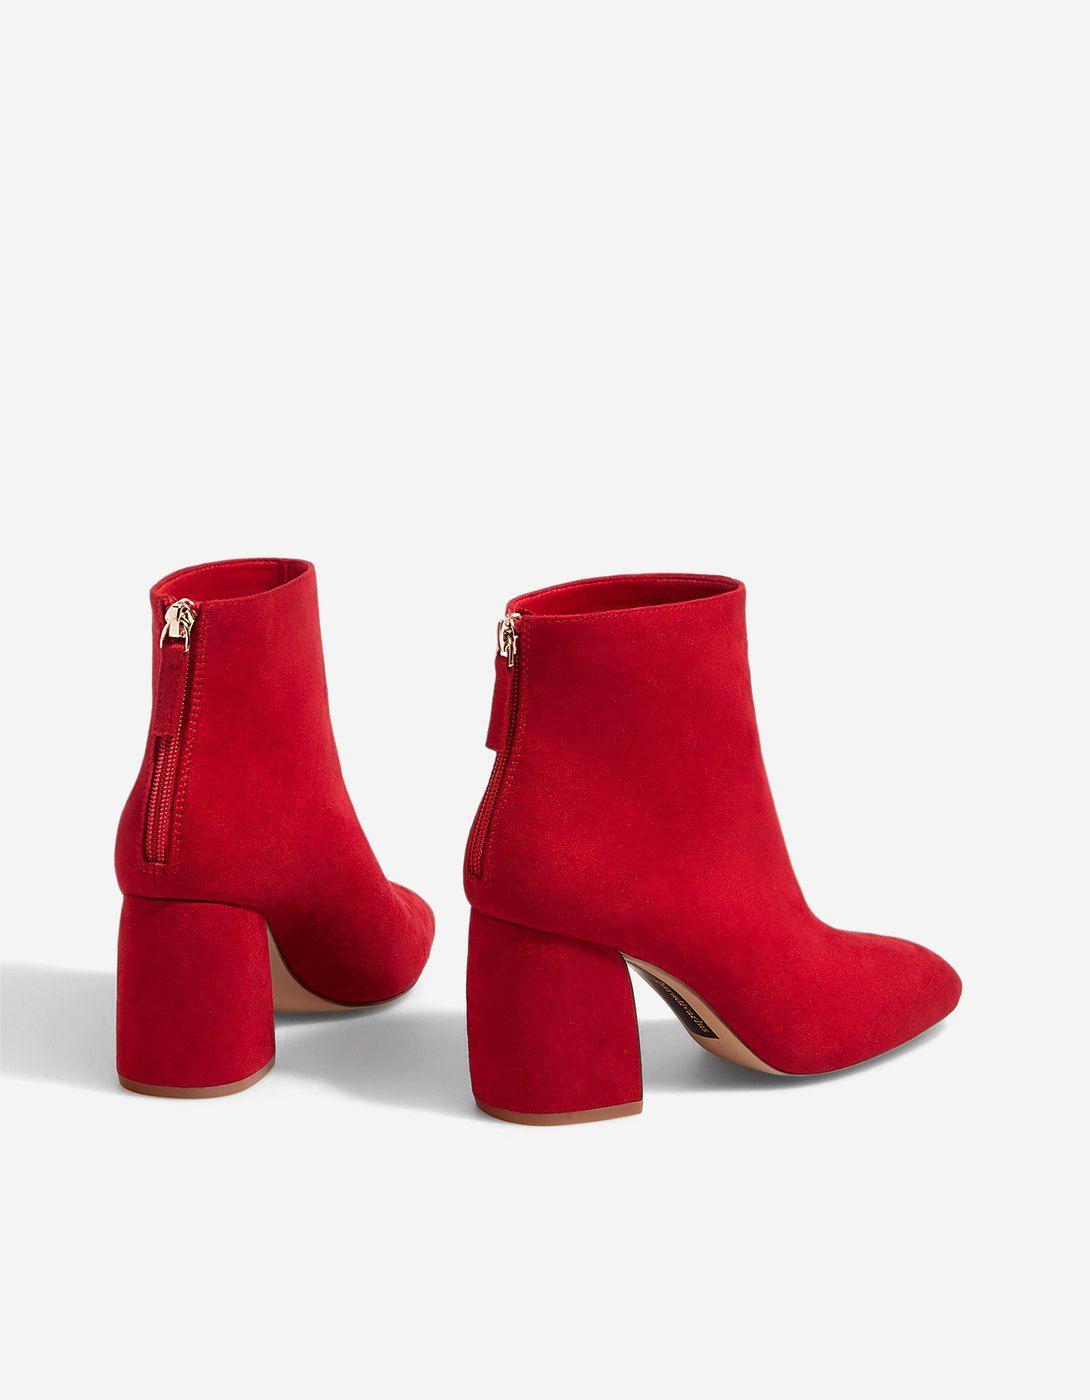 877169f85cc52c Bottines rouges détail talon - NOUVEAU | Stradivarius France | Shoes ...